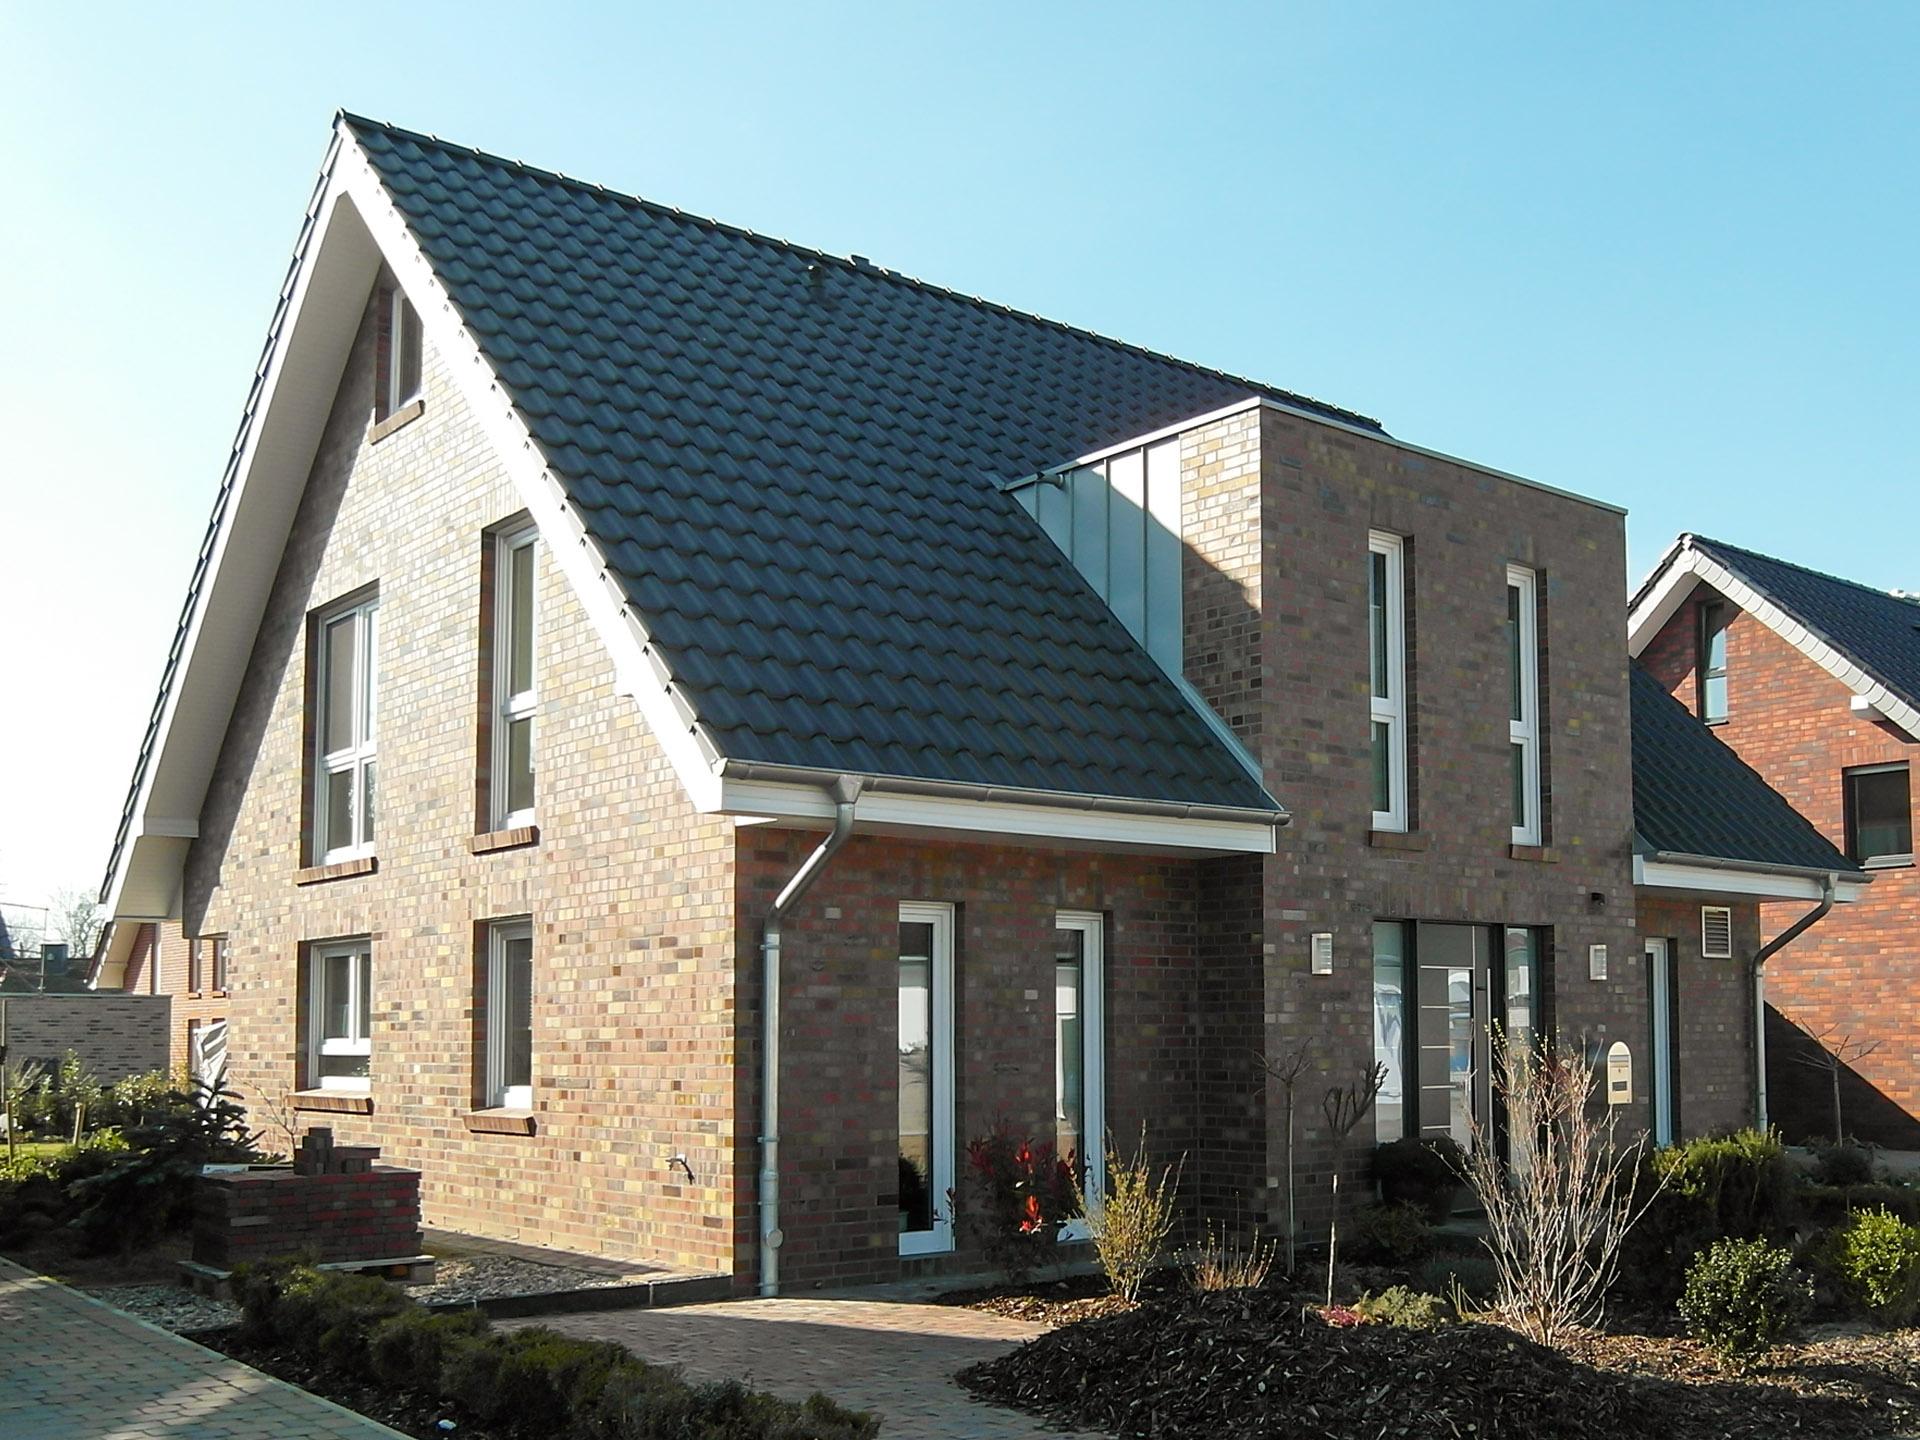 Knue & Stening Massivhaus GmbH - Referenzen